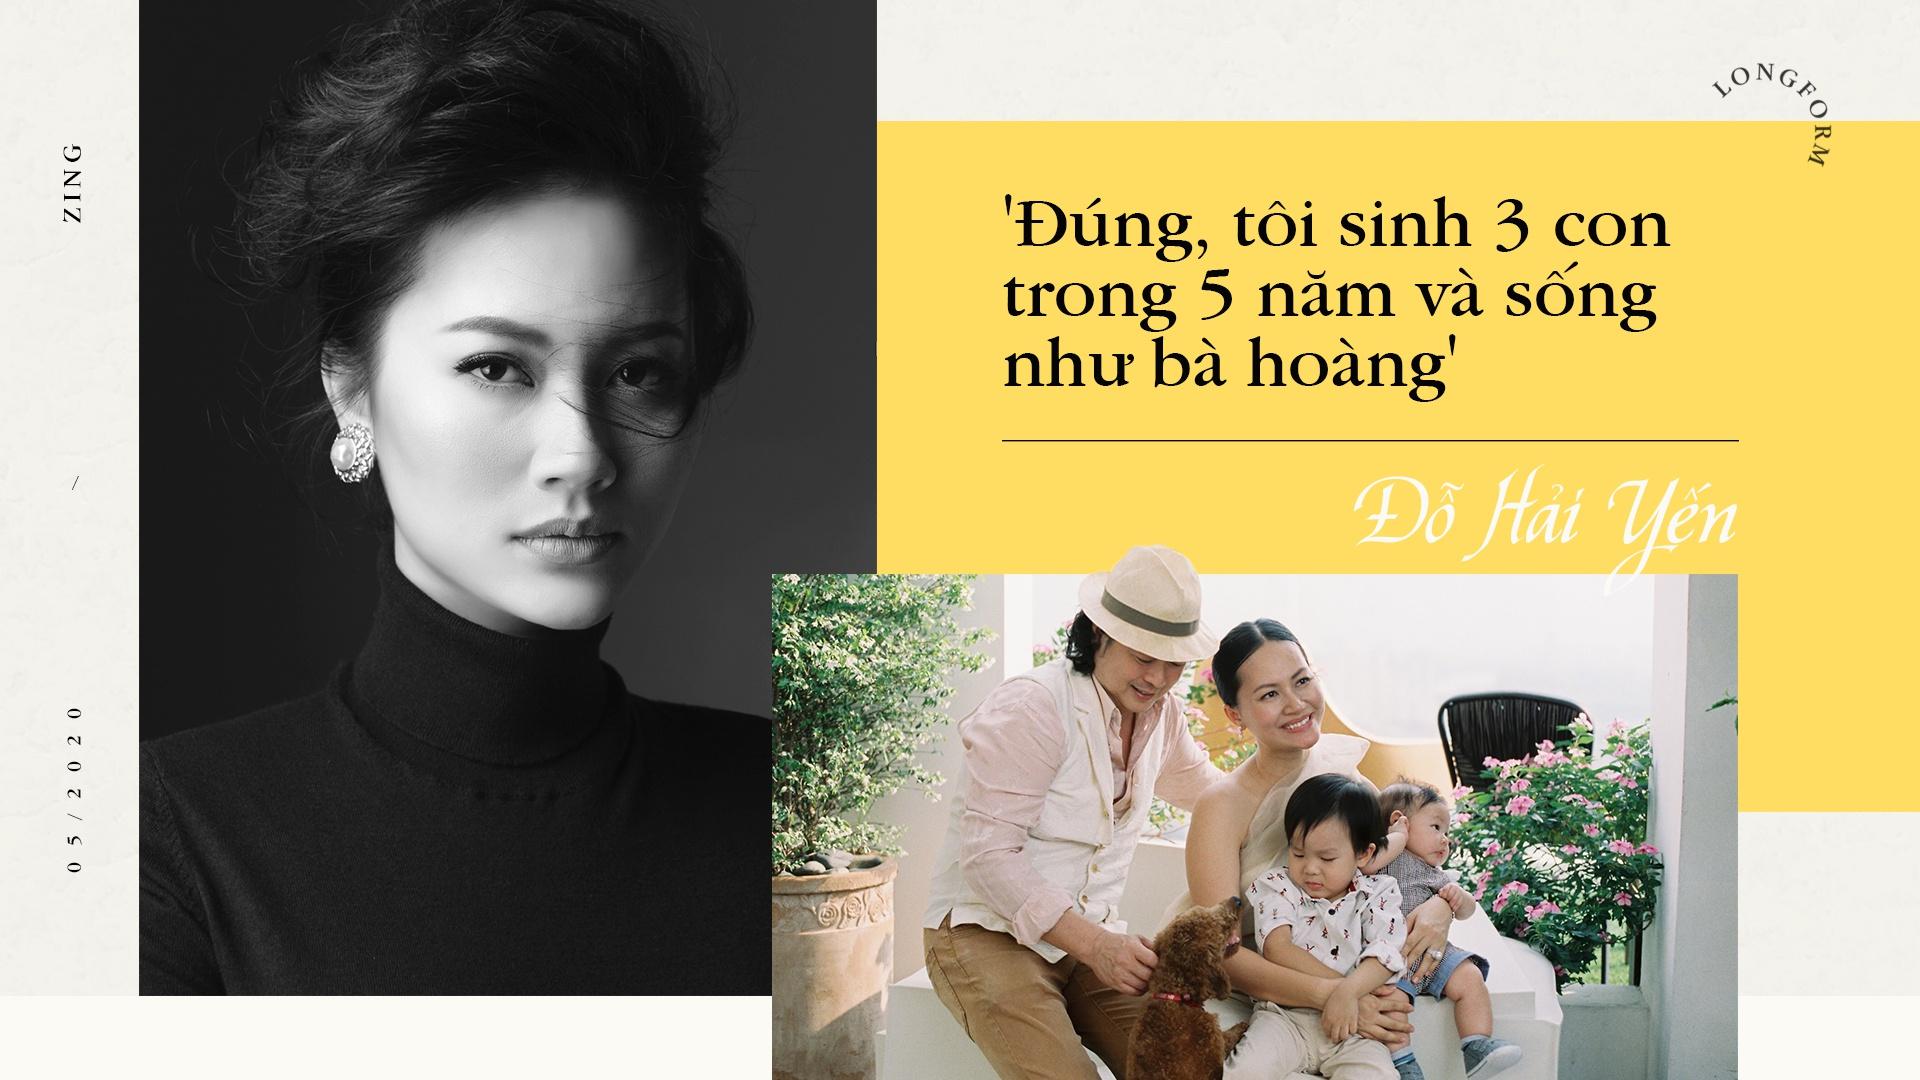 Đỗ Hải Yến: 'Đúng, tôi sinh 3 con trong 5 năm và sống như bà hoàng' – VietNamNet